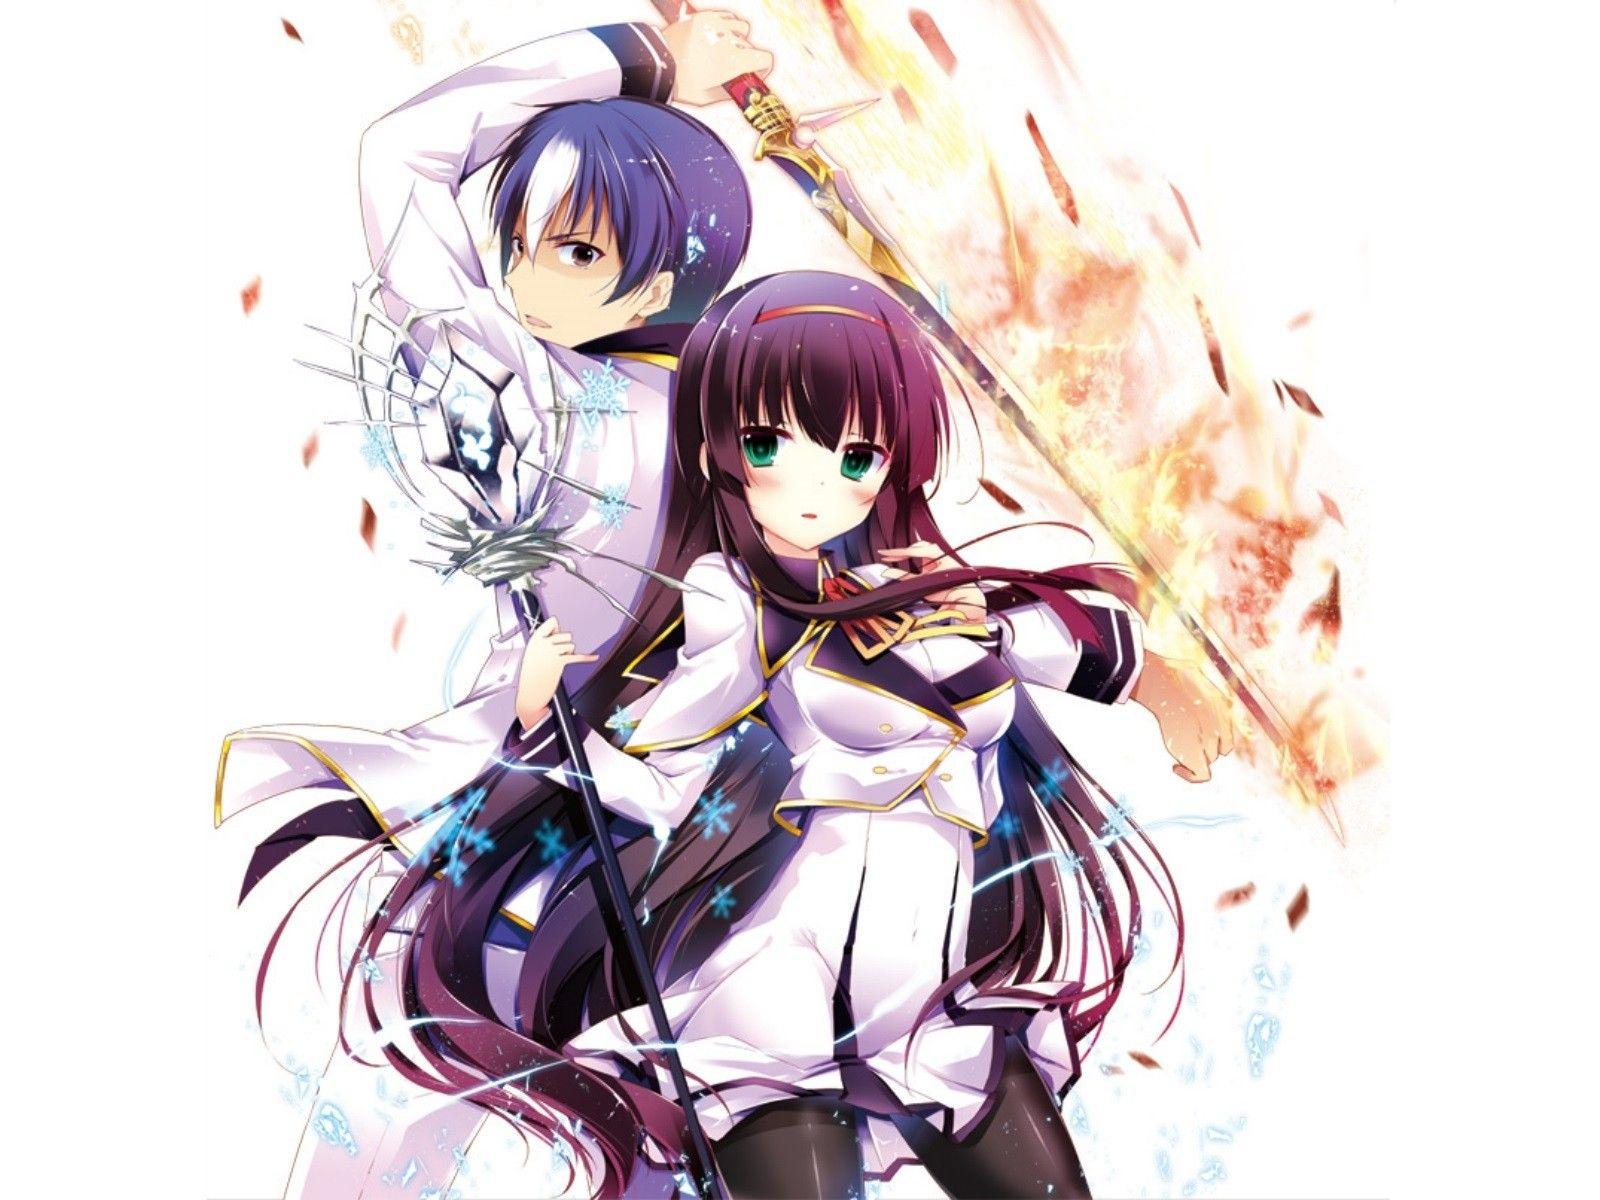 Anime 1600x1200 seiken tsukai no world break urushibara - Anime 1600x1200 ...